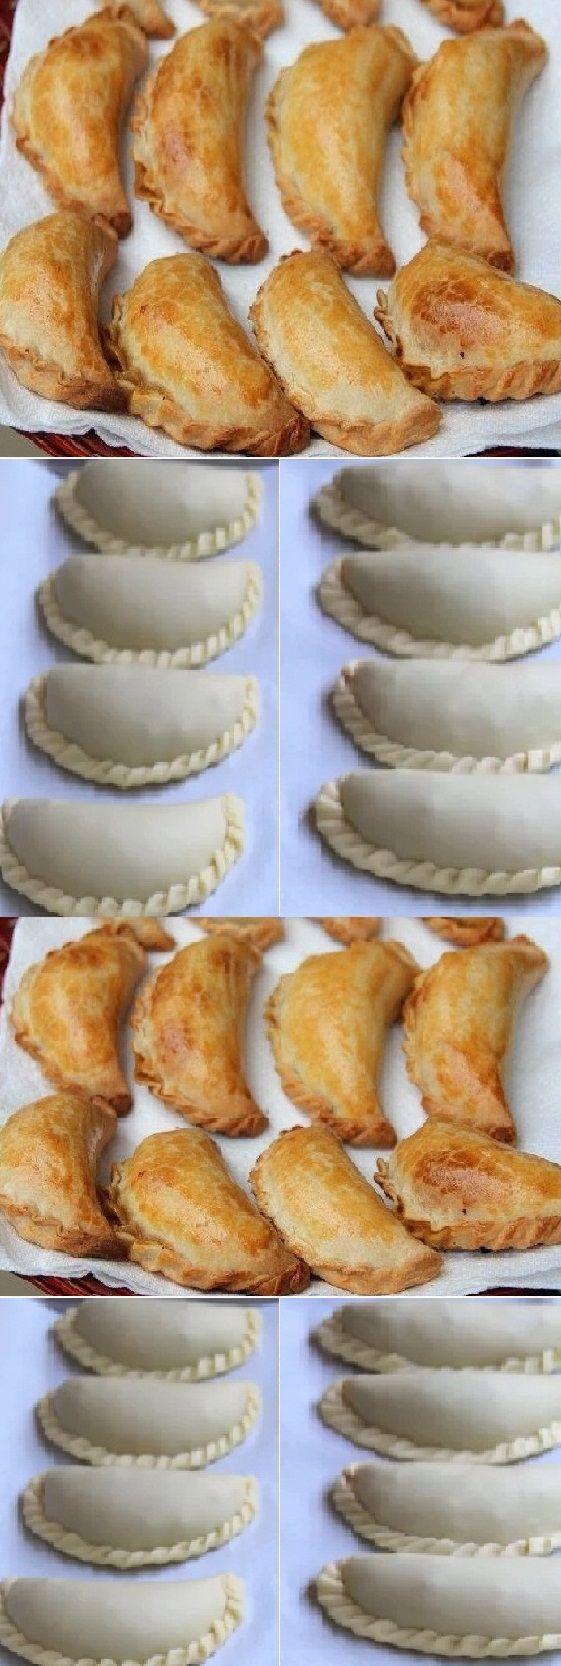 MASA CASERA: para Empanadas de Horno receta fácil para preparar...